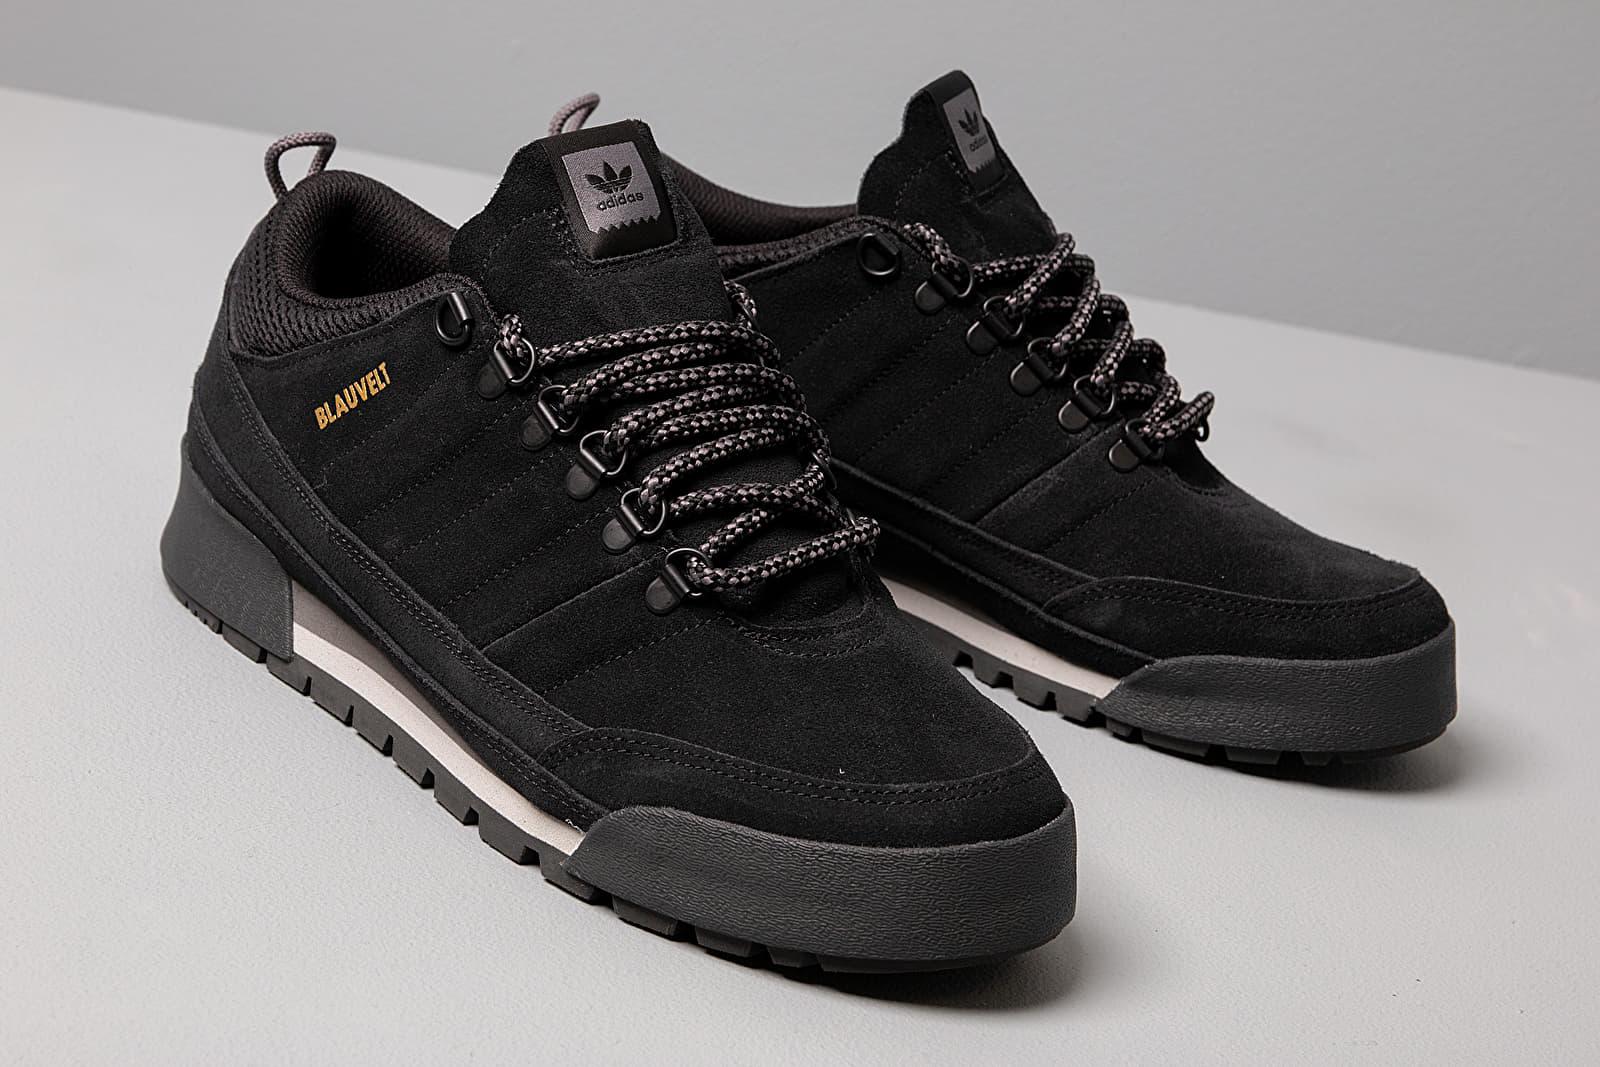 adidas skateboarding jake boot 2.0 low